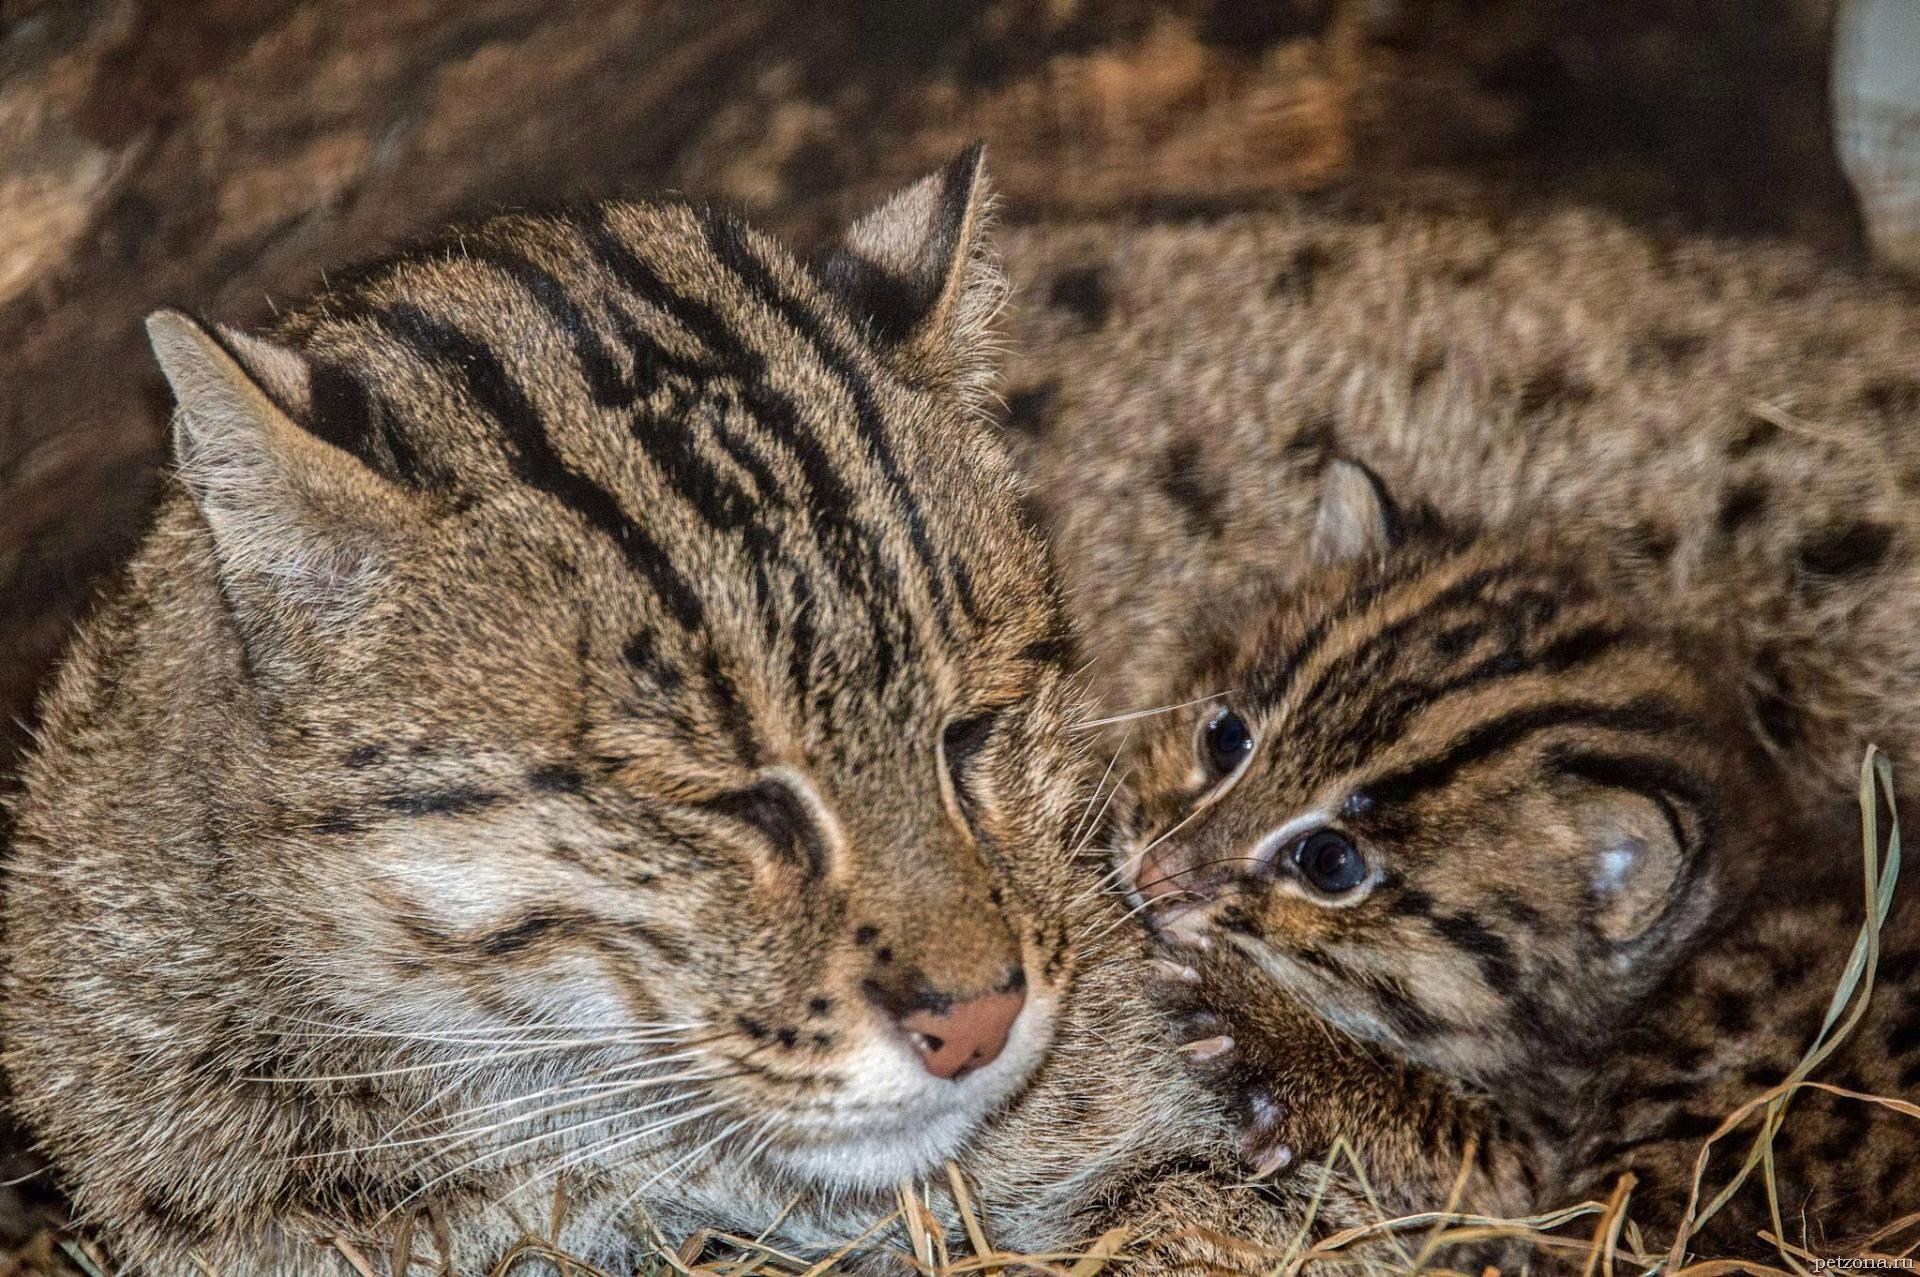 Кот-рыболов - крапчатая кошка из Азии